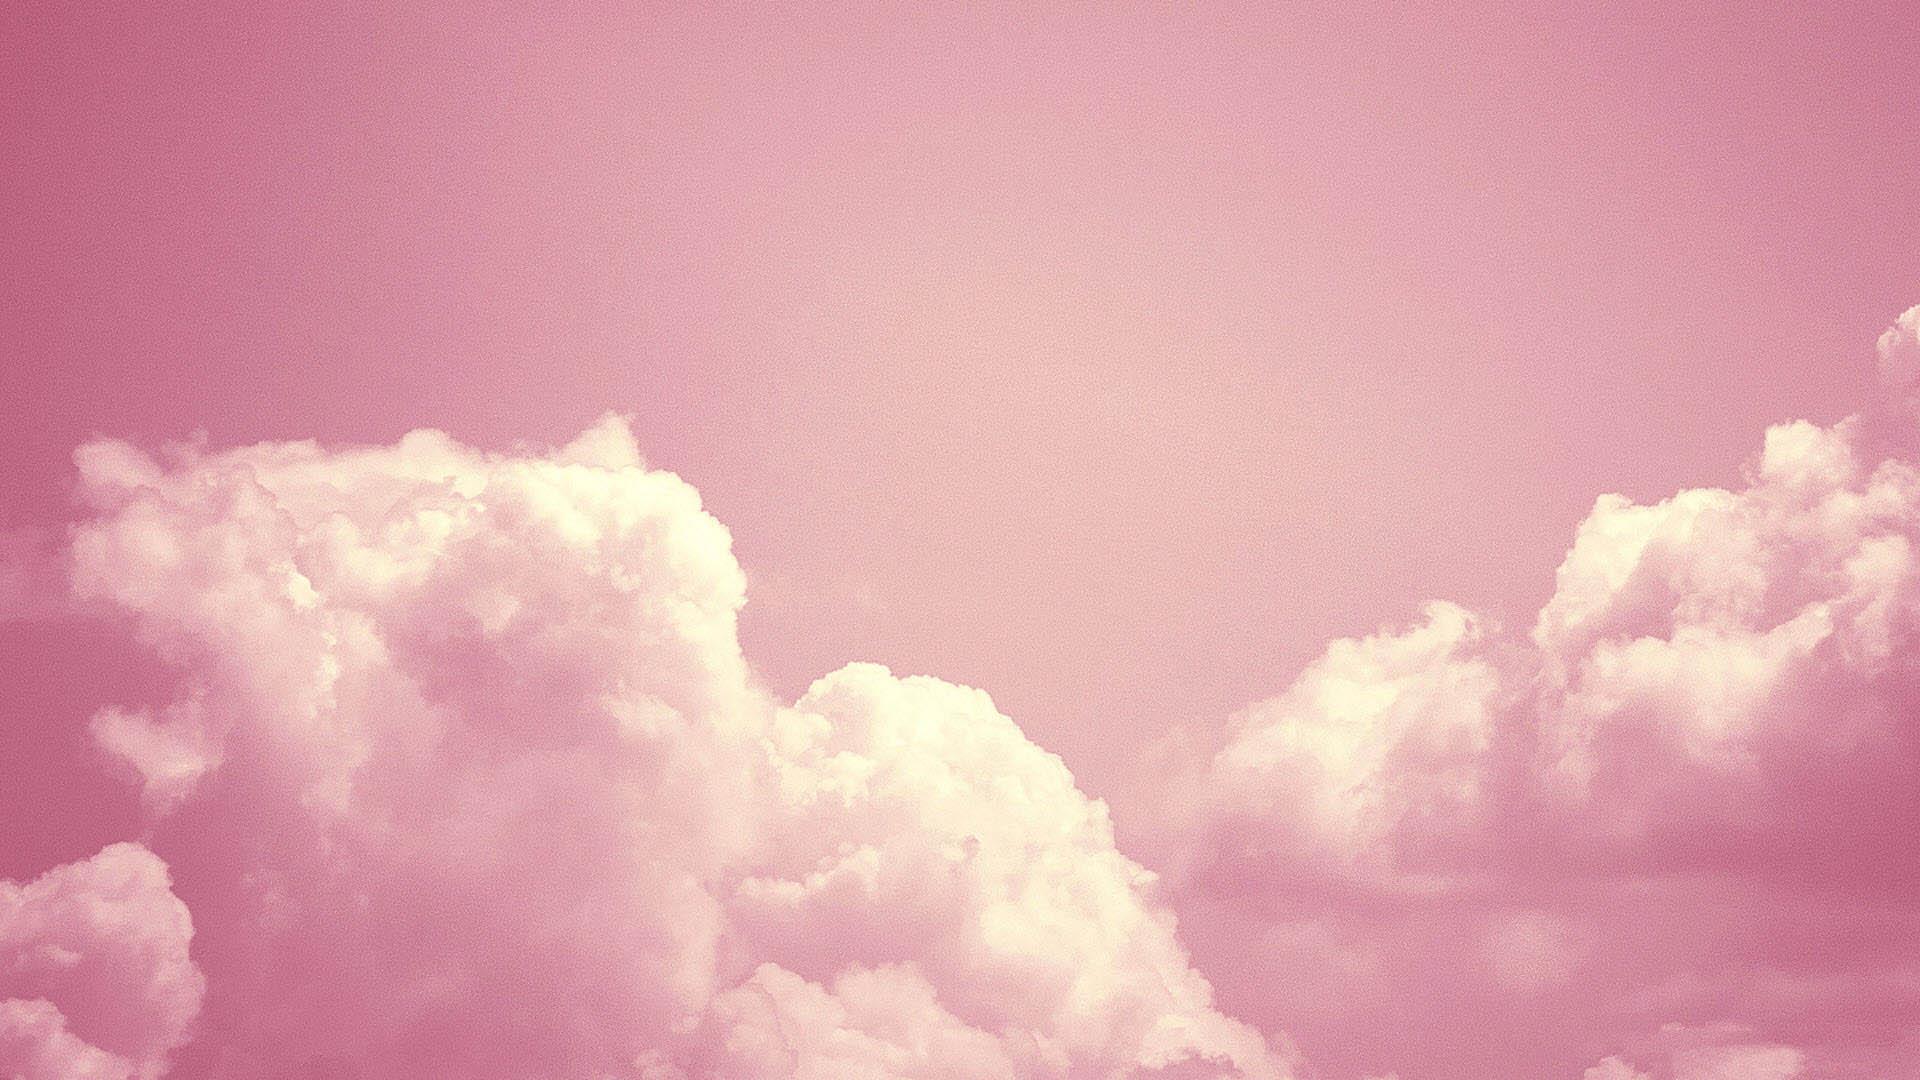 Hình nền màu hồng cute, dễ thương